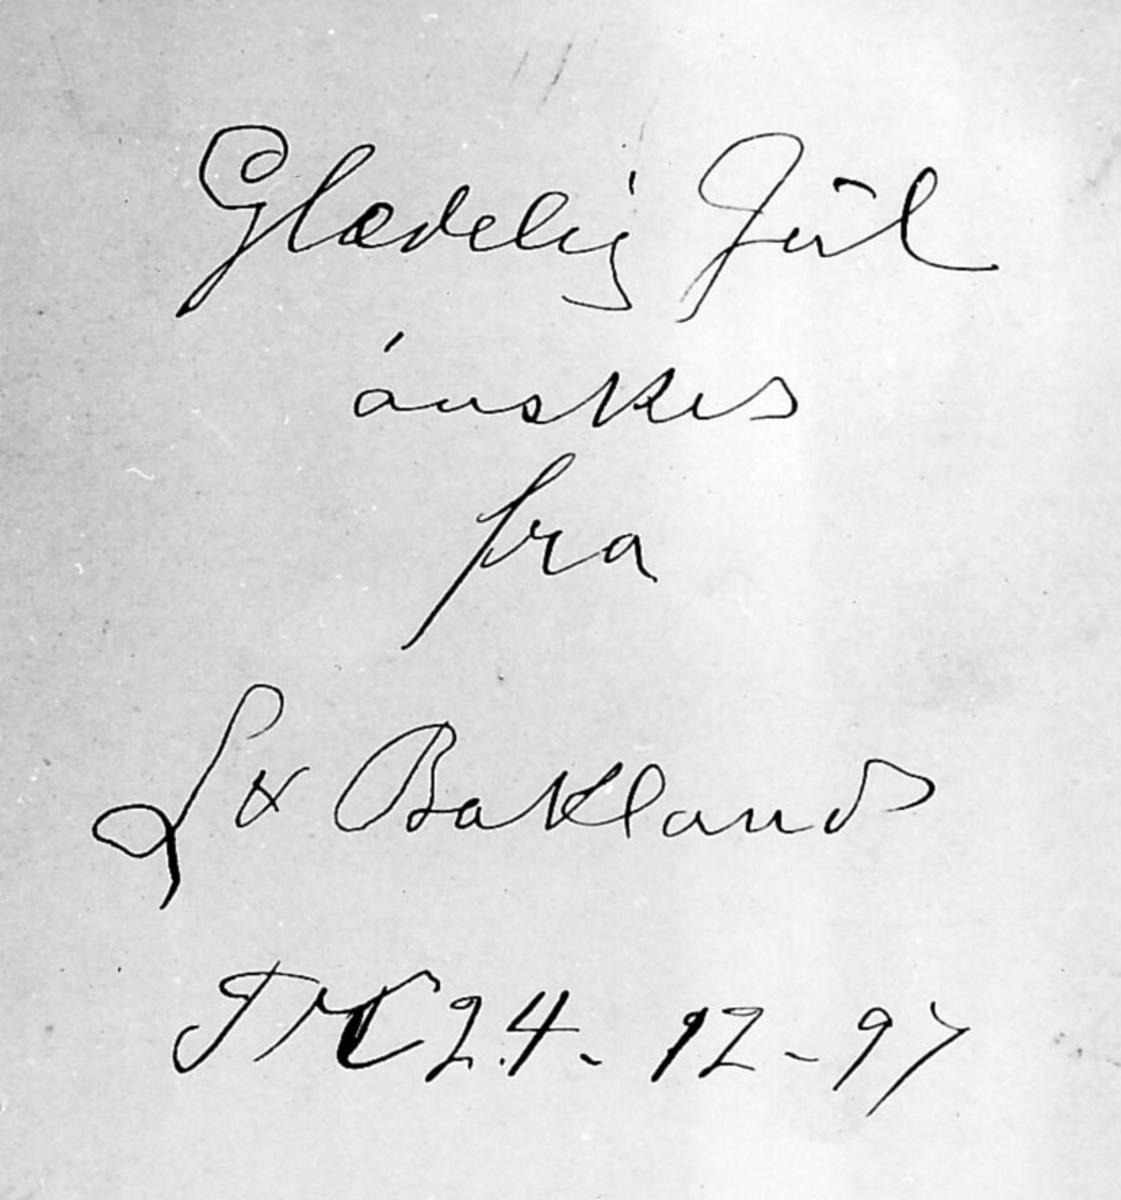 Bakside på bilde. Julehilsen skrevet av Ant. Løytnant Bakland? med håndskrift.